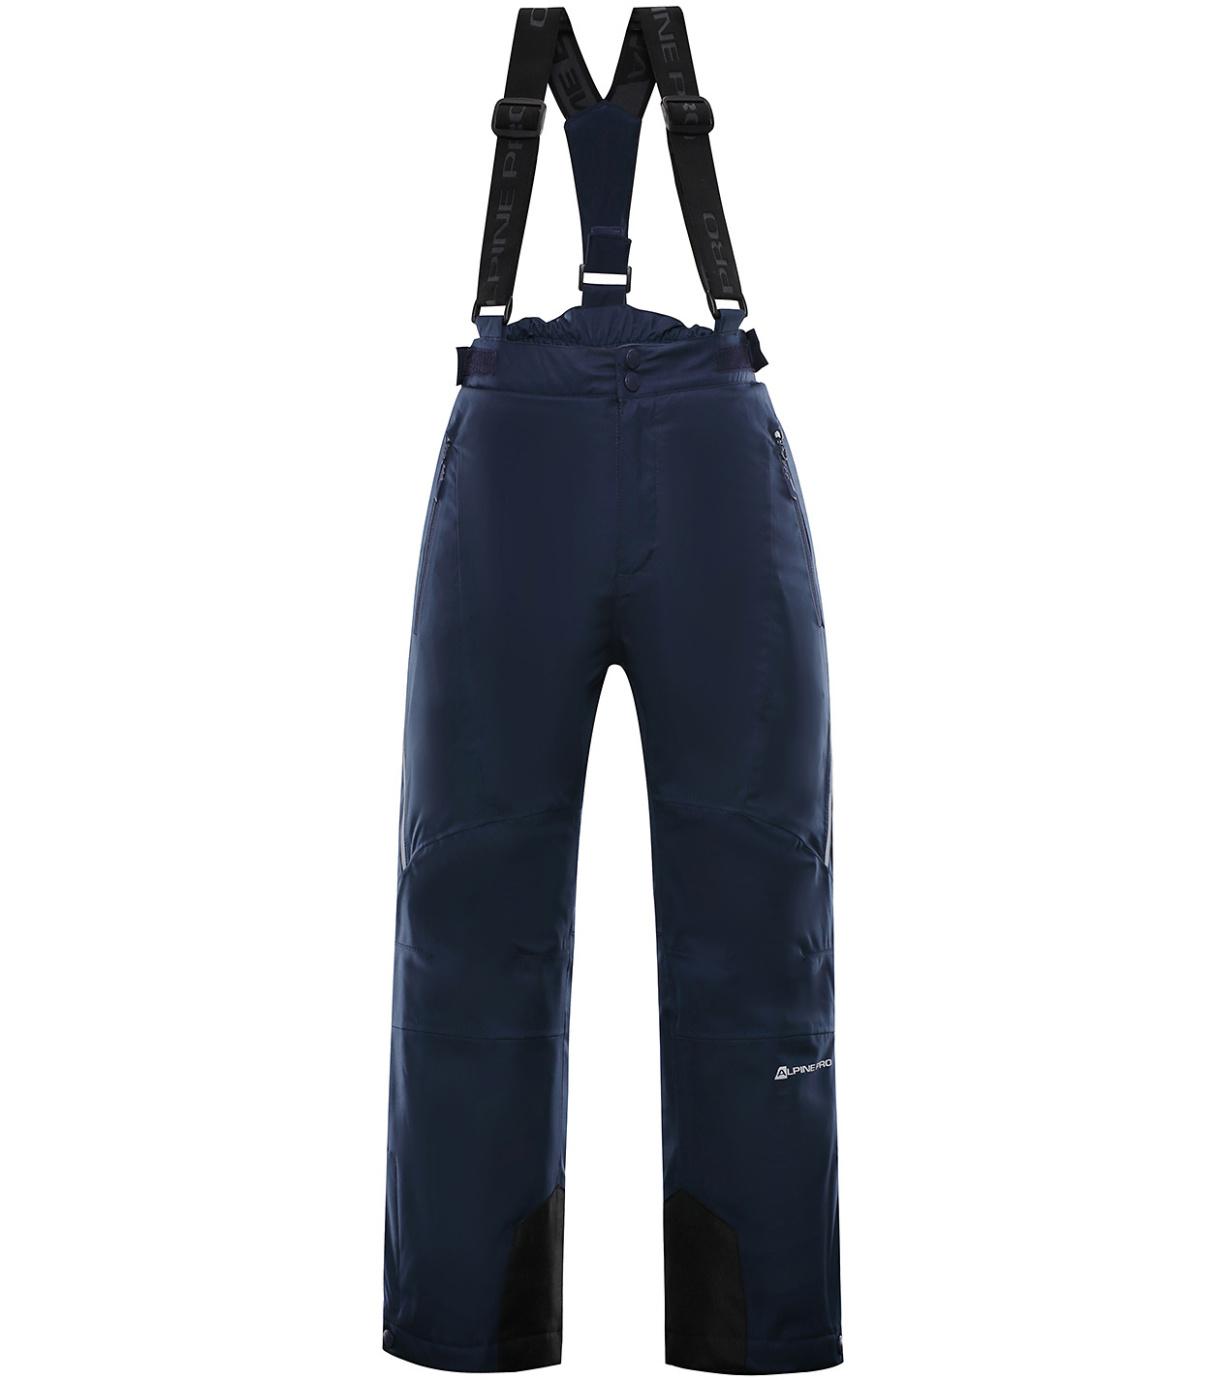 ALPINE PRO ANIKO 3 Dětské lyžařské kalhoty KPAP168602 mood indigo 128-134